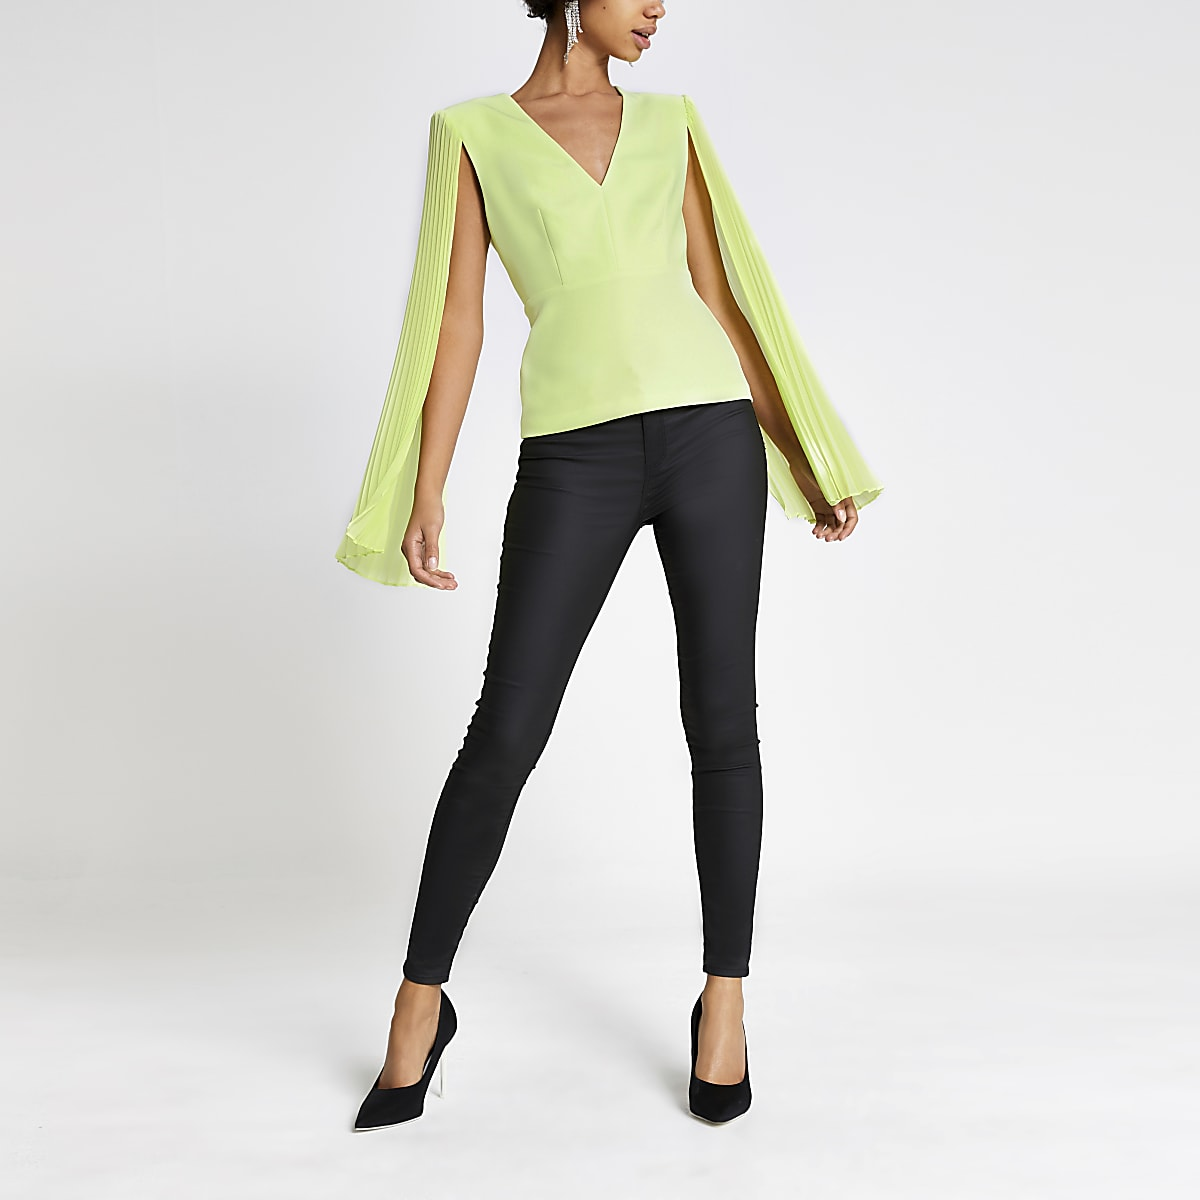 Haut citron vert à manches longues plissées transparentes